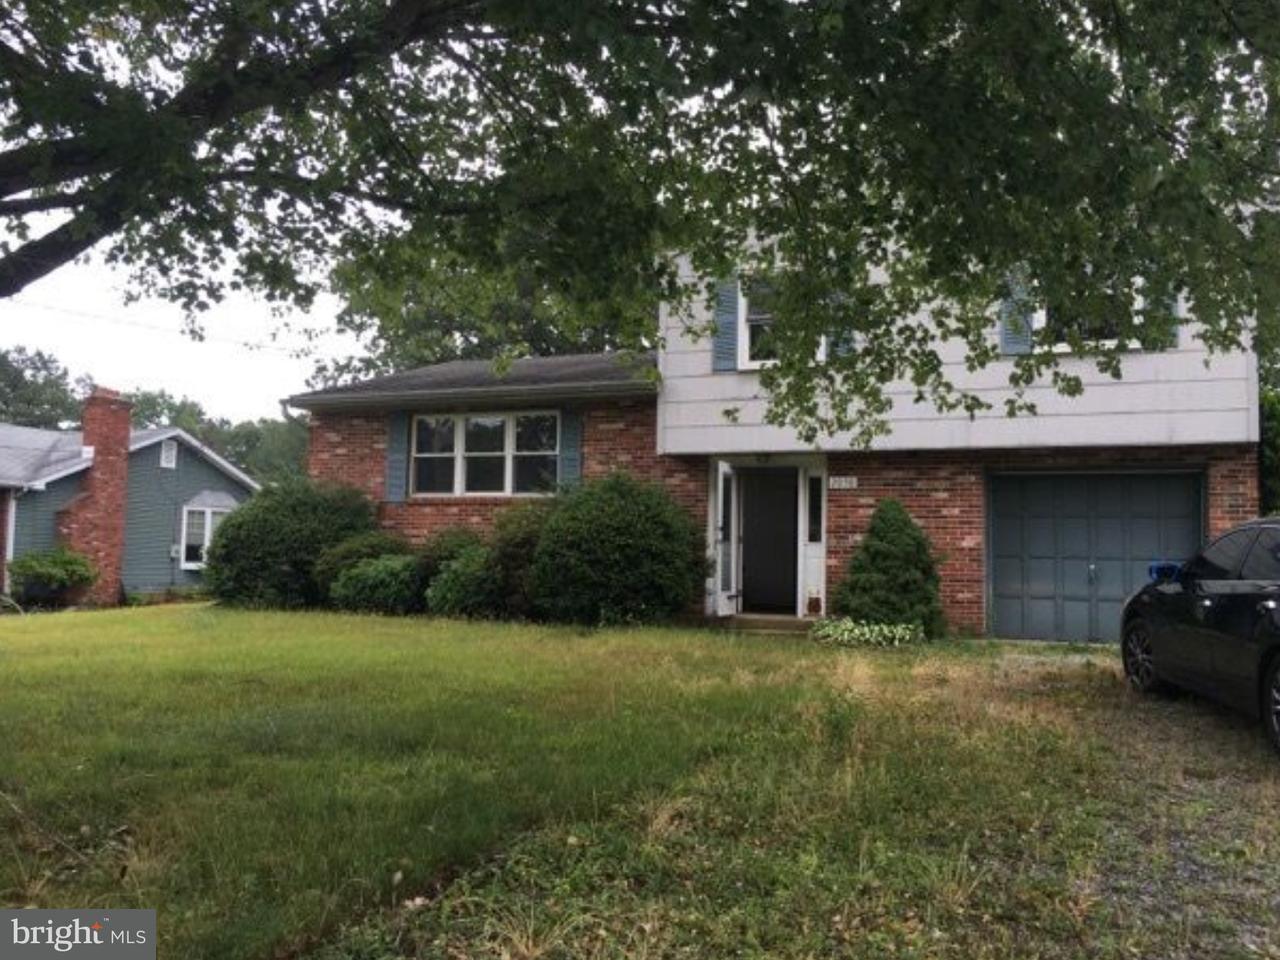 Частный односемейный дом для того Продажа на 2058 HENDRICKS Avenue Waterford Township, Нью-Джерси 08089 Соединенные Штаты